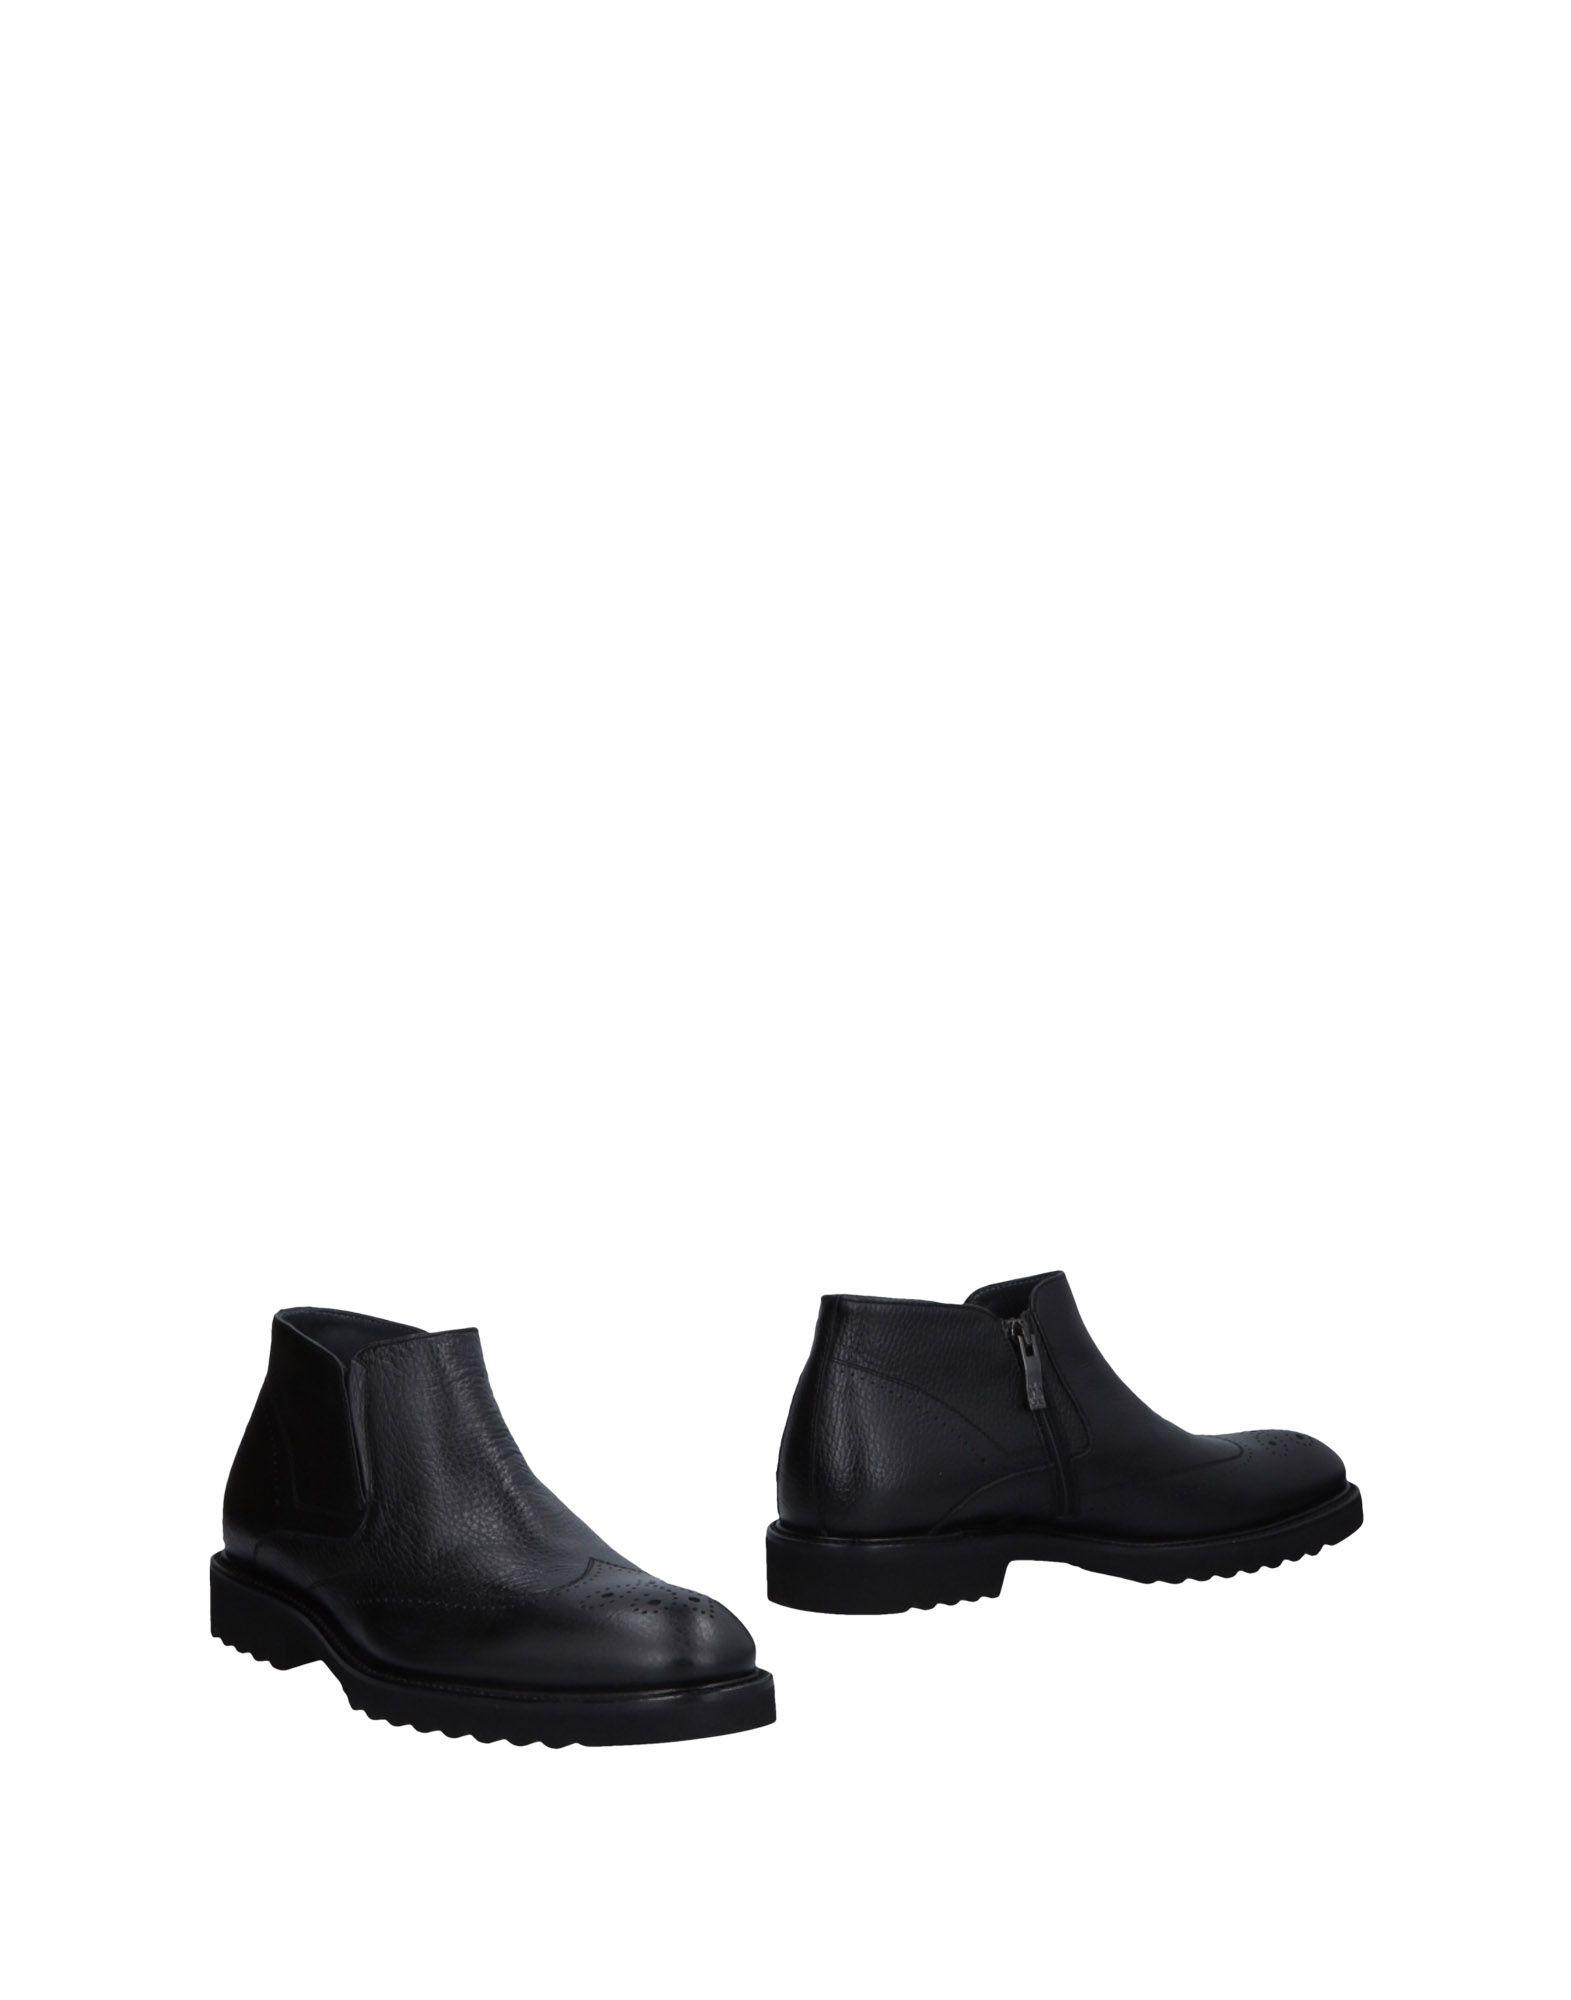 Giovanni Conti Stiefelette Herren  11471566LJ Gute Qualität beliebte Schuhe